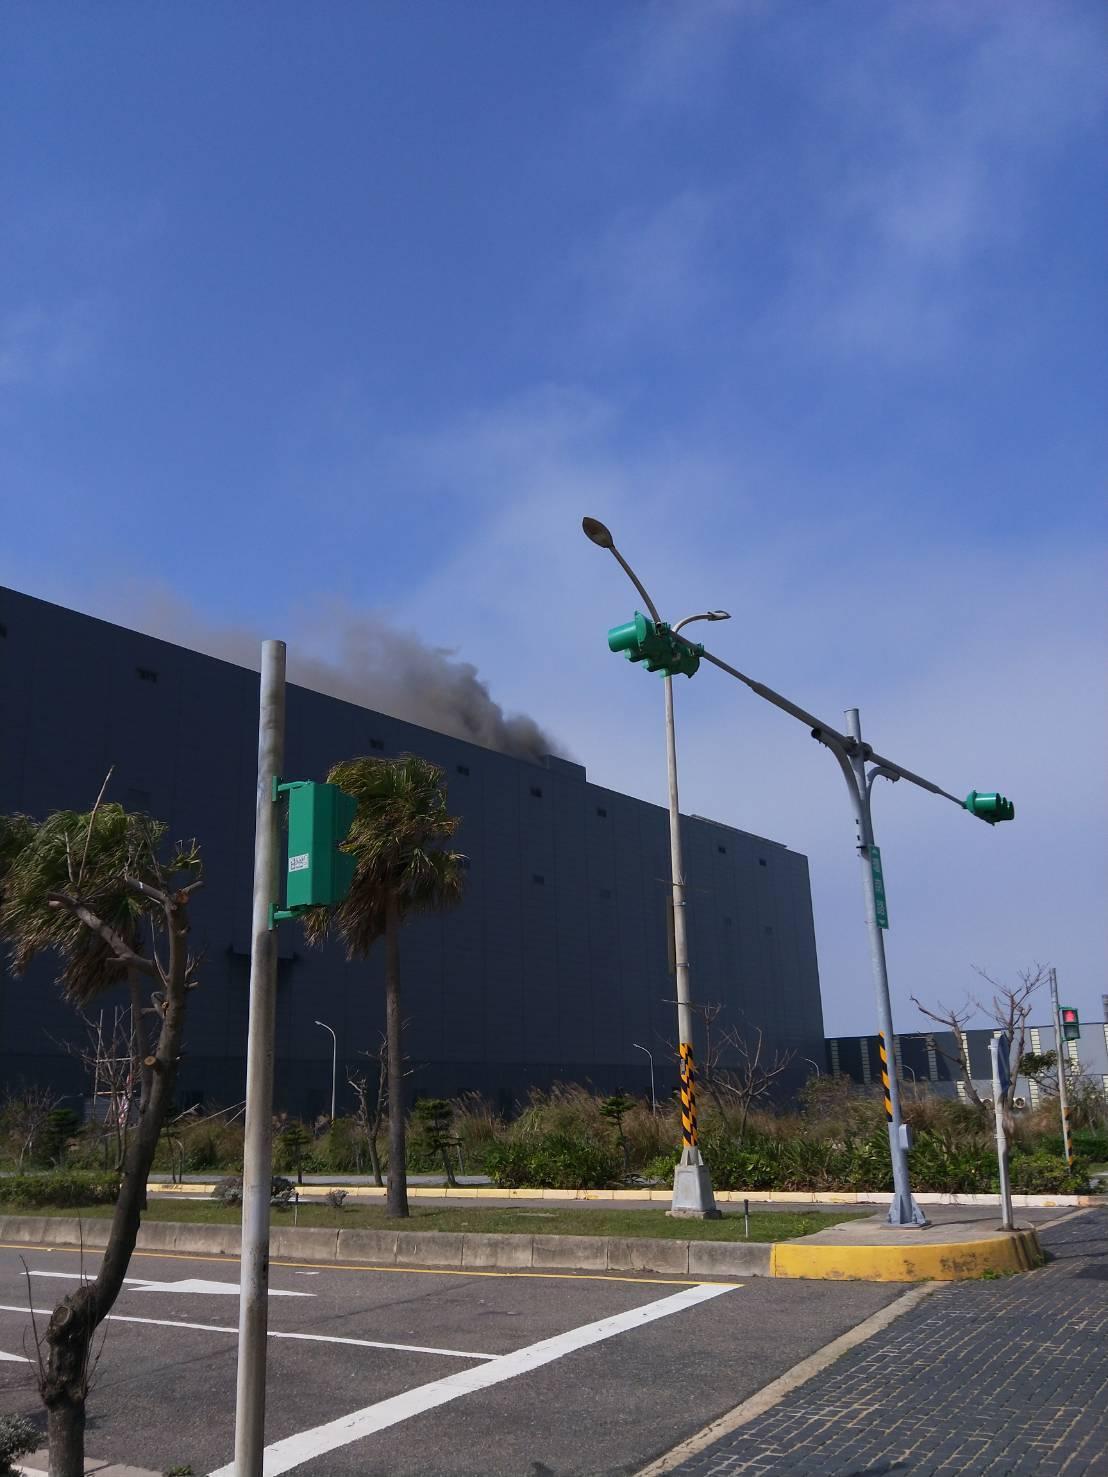 嘉里大榮觀音物流中心現場悶燒7小時,火勢已經控制。圖/讀者提供